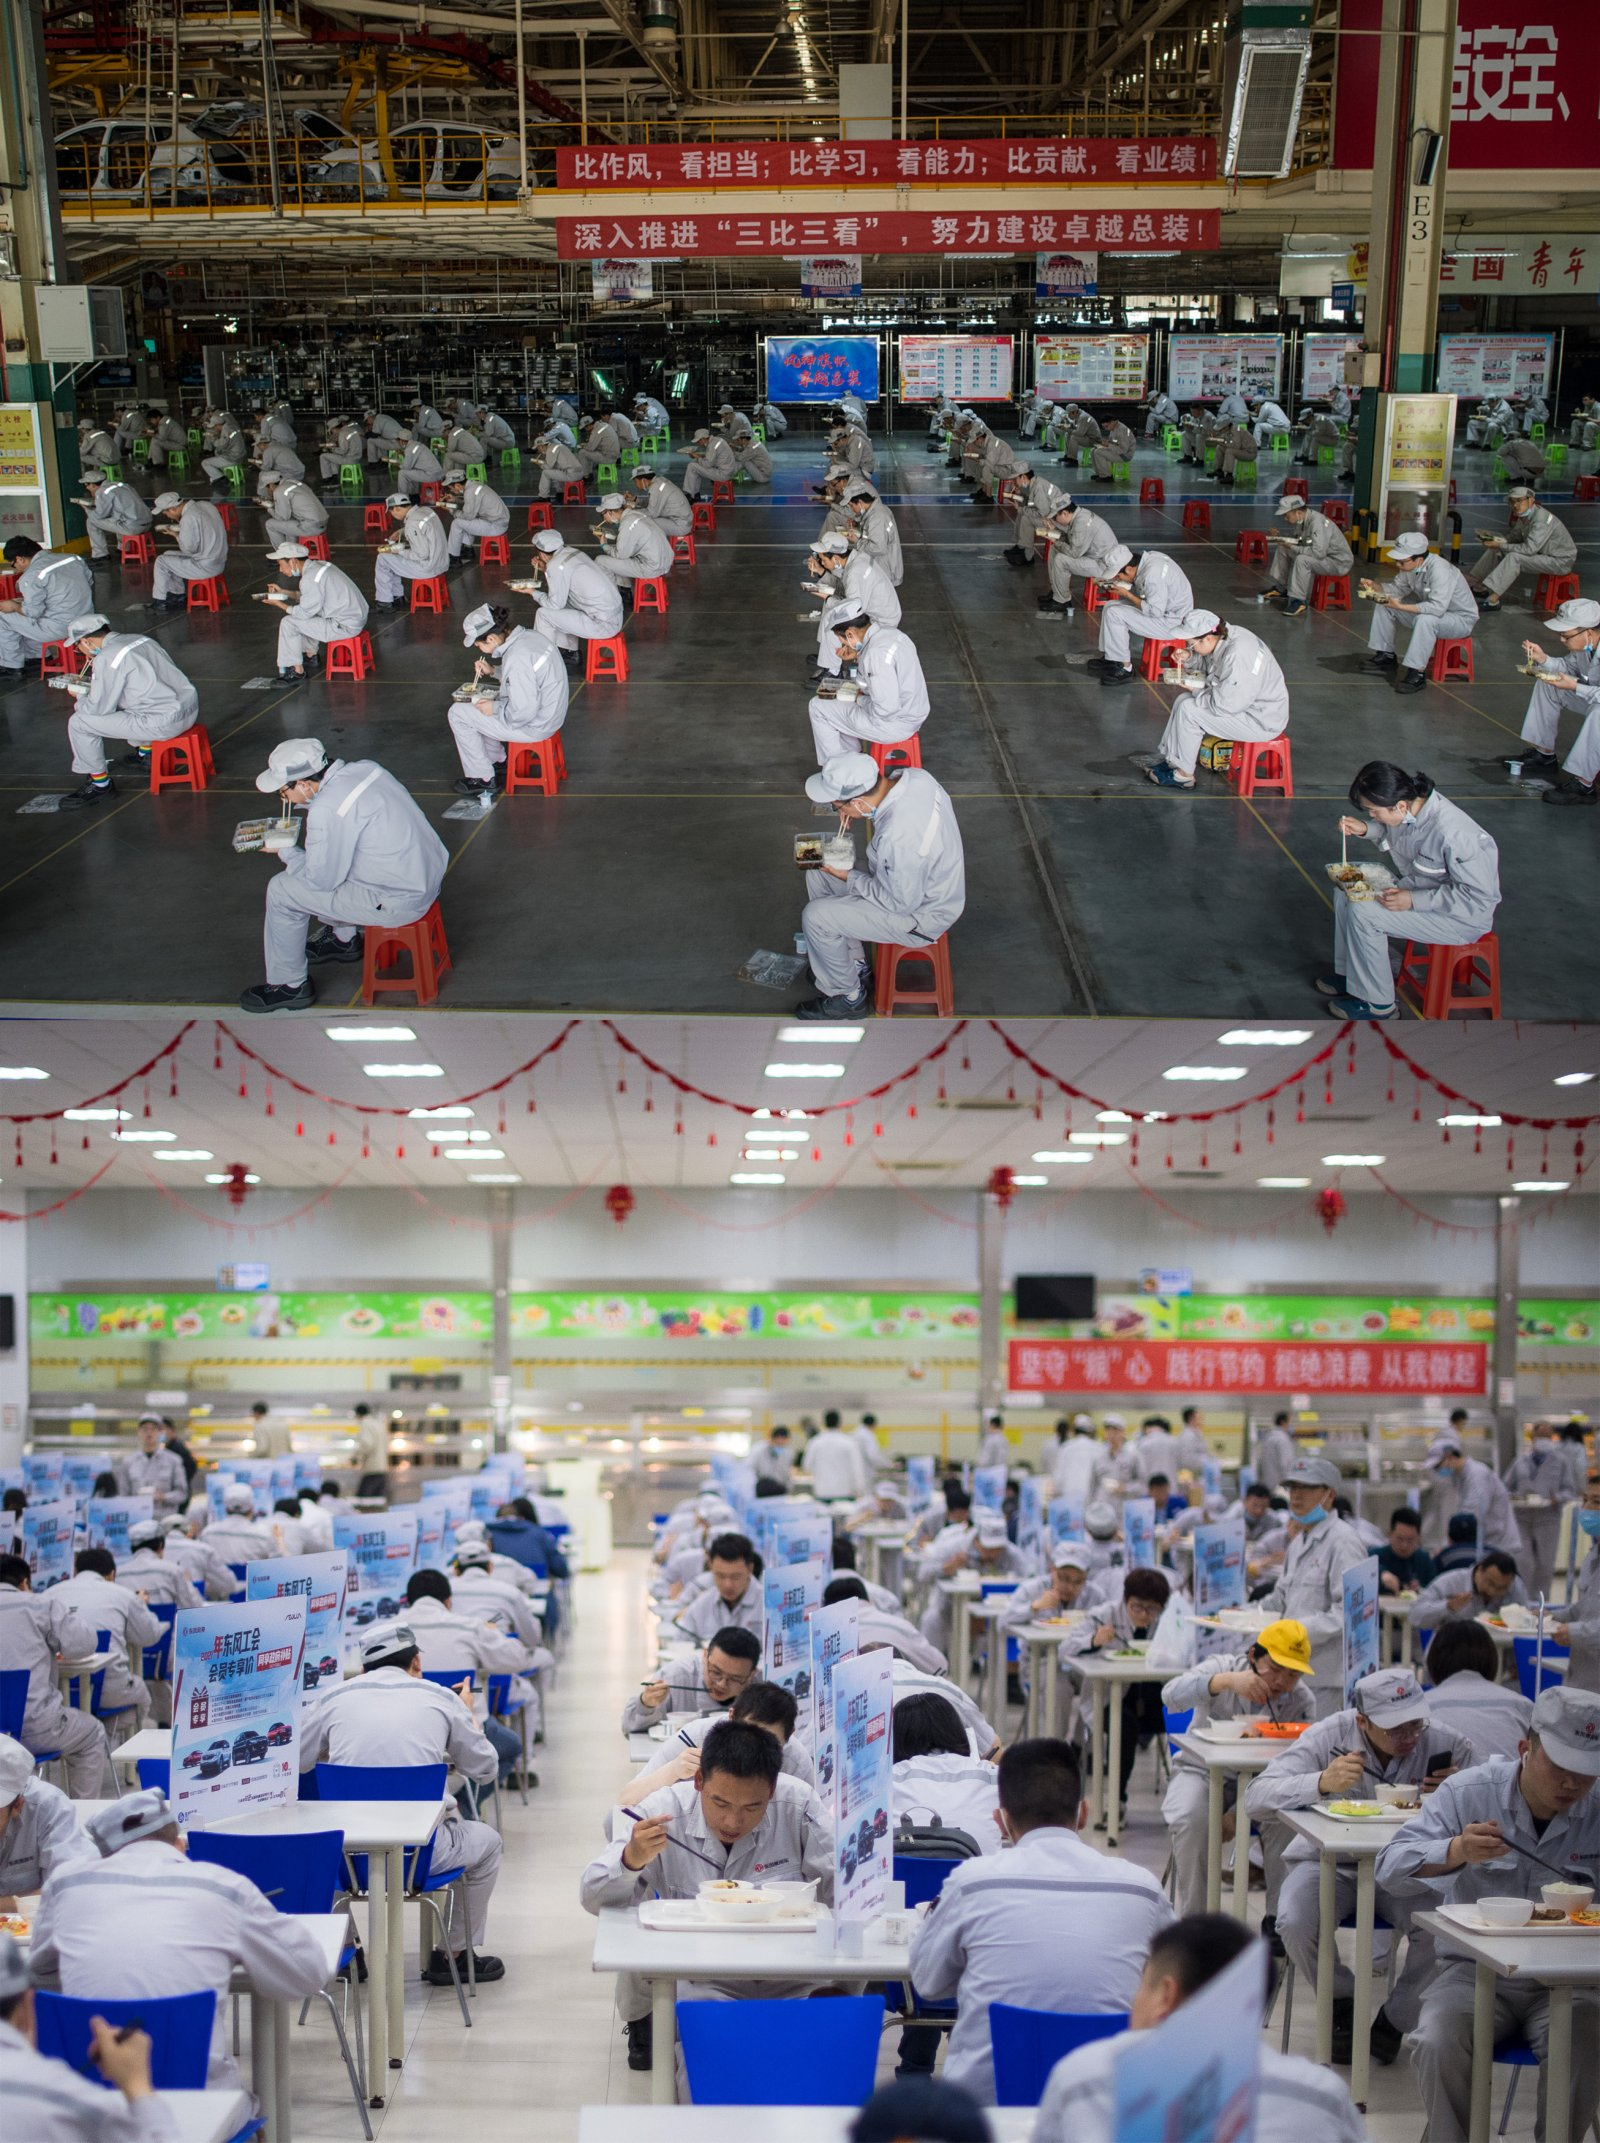 這是一張拚版照片,上圖為:2020年3月24日,在武漢市東風乘用車公司工廠總裝車間,工人們保持兩米的距離吃午飯;下圖為:2021年3月30日,工人們在武漢市東風乘用車公司食堂吃午飯。(新華社)